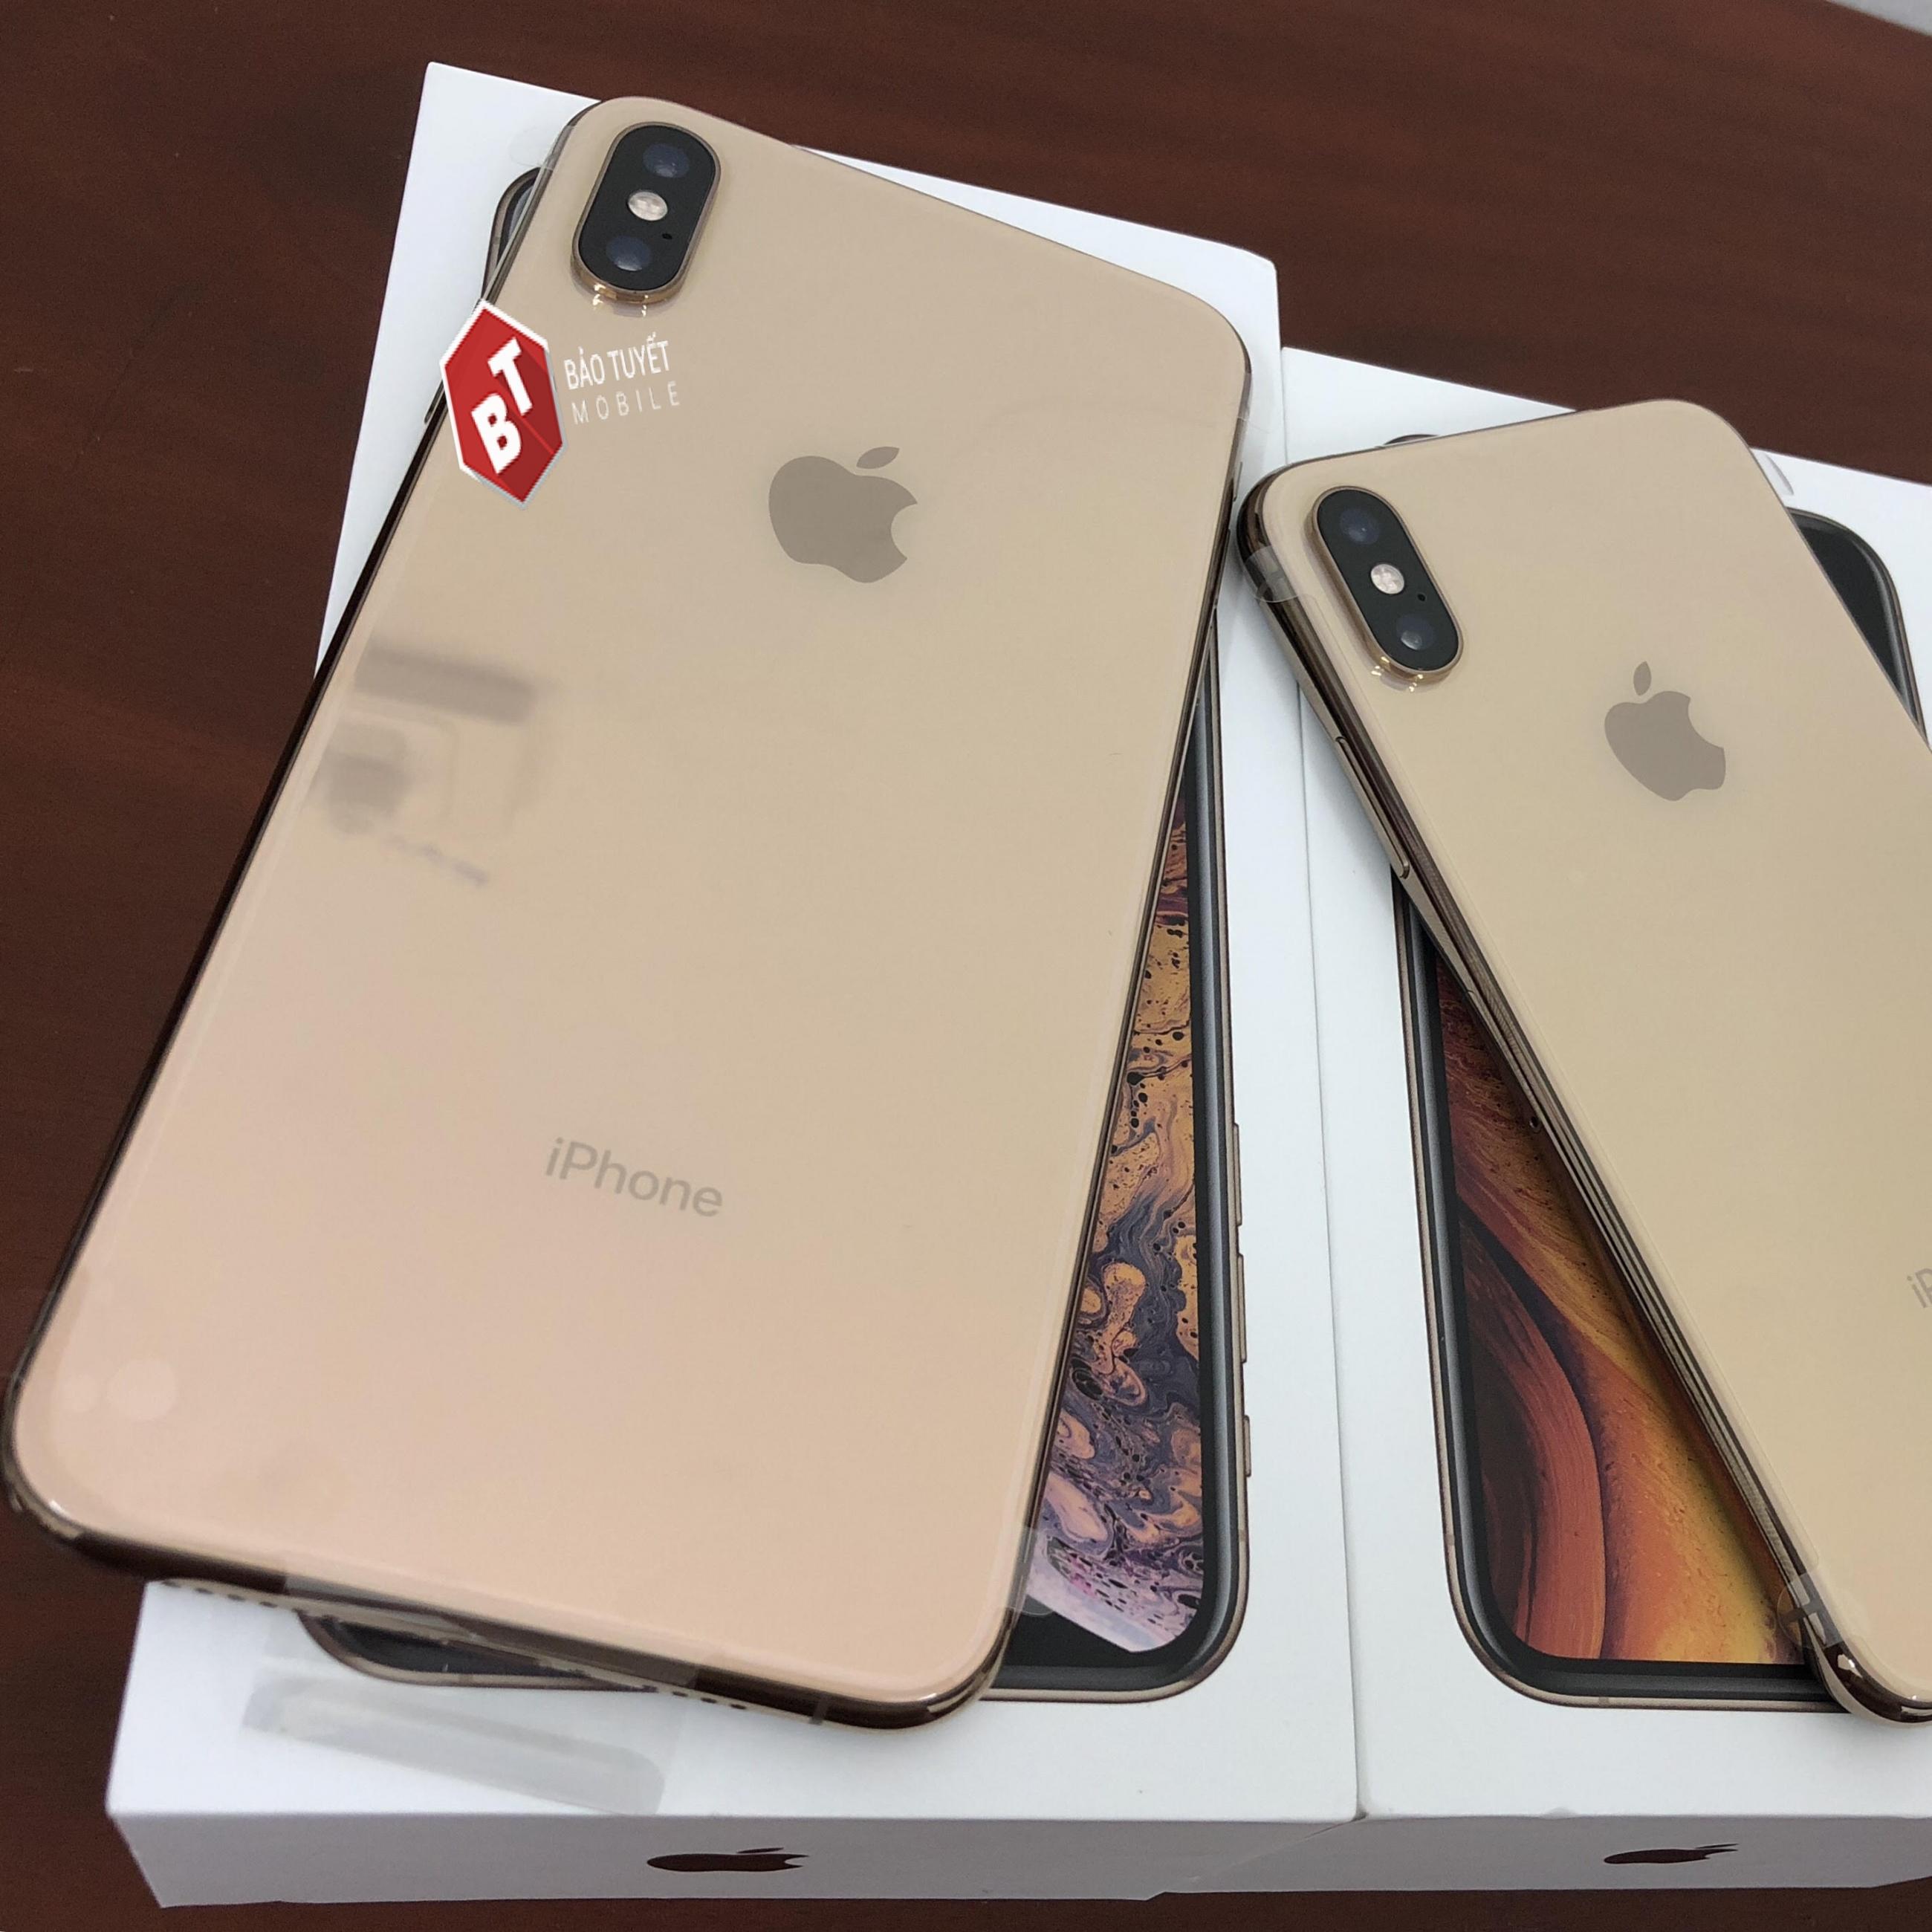 IPHONE XS MAX 64GB MỚI 99%  LL/A (1 SIM VẬT LÝ) BẢN QUỐC TẾ  ĐEN/TRẮNG/VÀNG